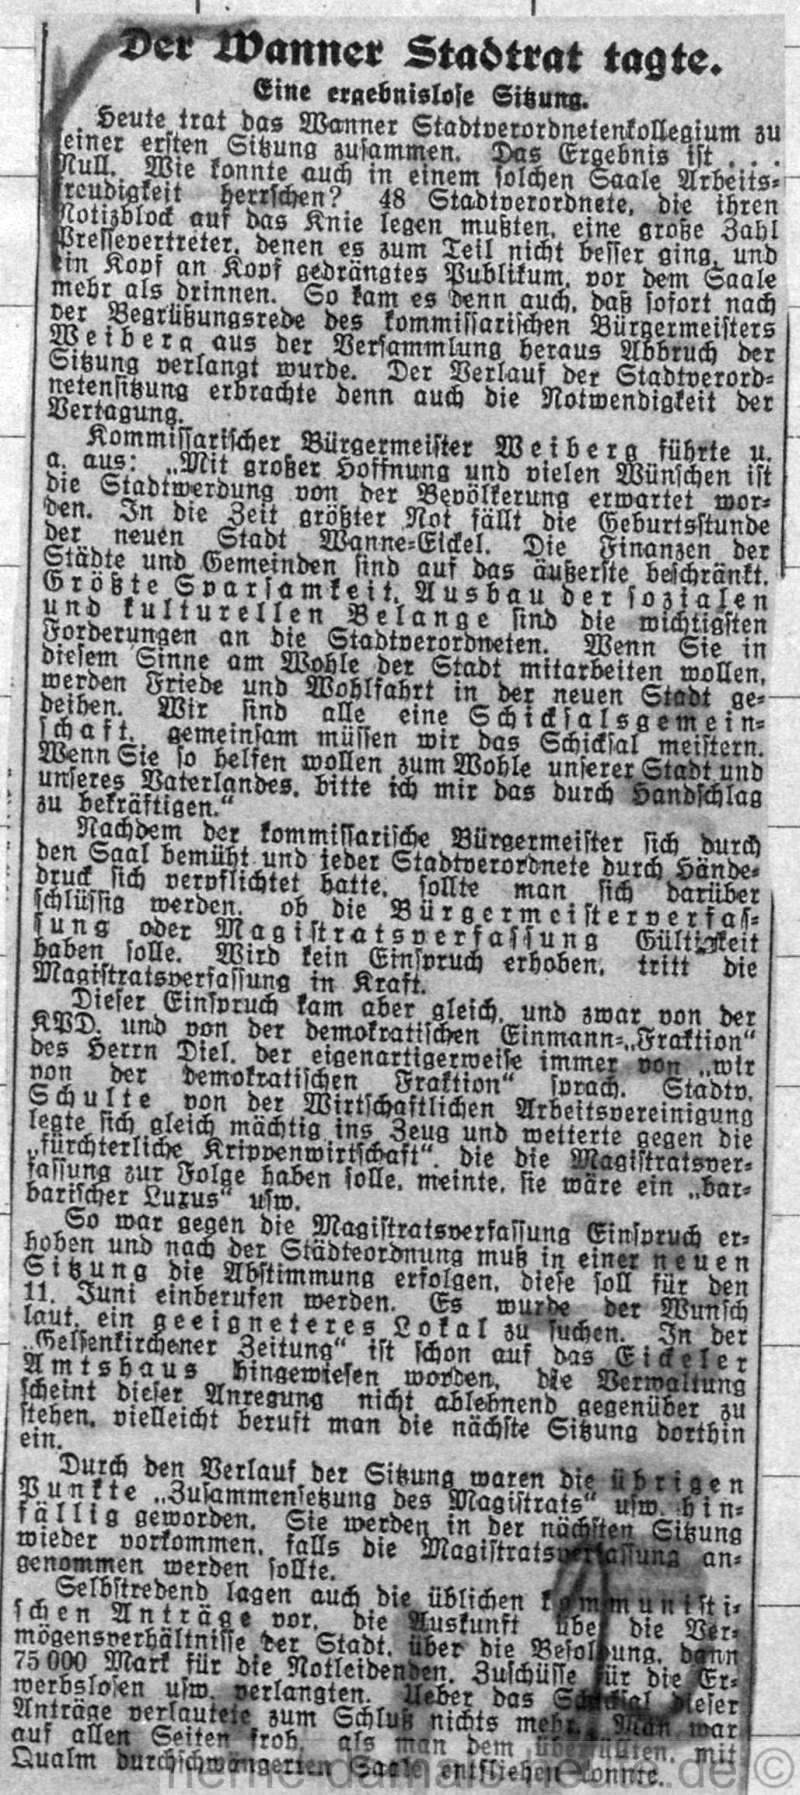 Gelsenkirchener Zeitung vom 02. Juni 1926, Repro Stadtarchiv Herne